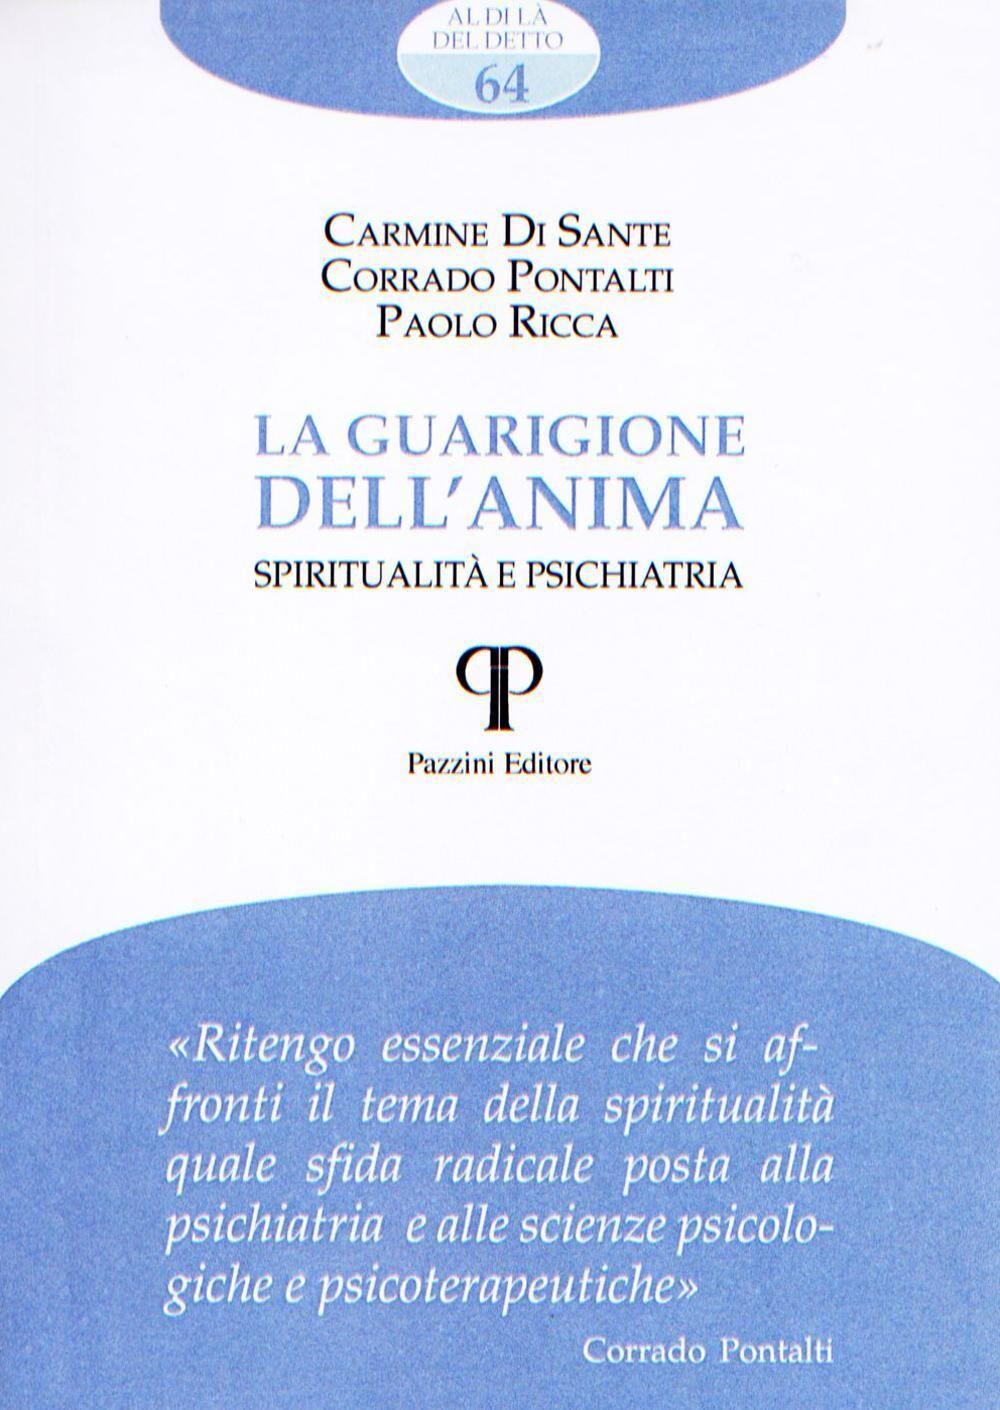 La guarigione dell'anima. Spiritualità e psichiatria